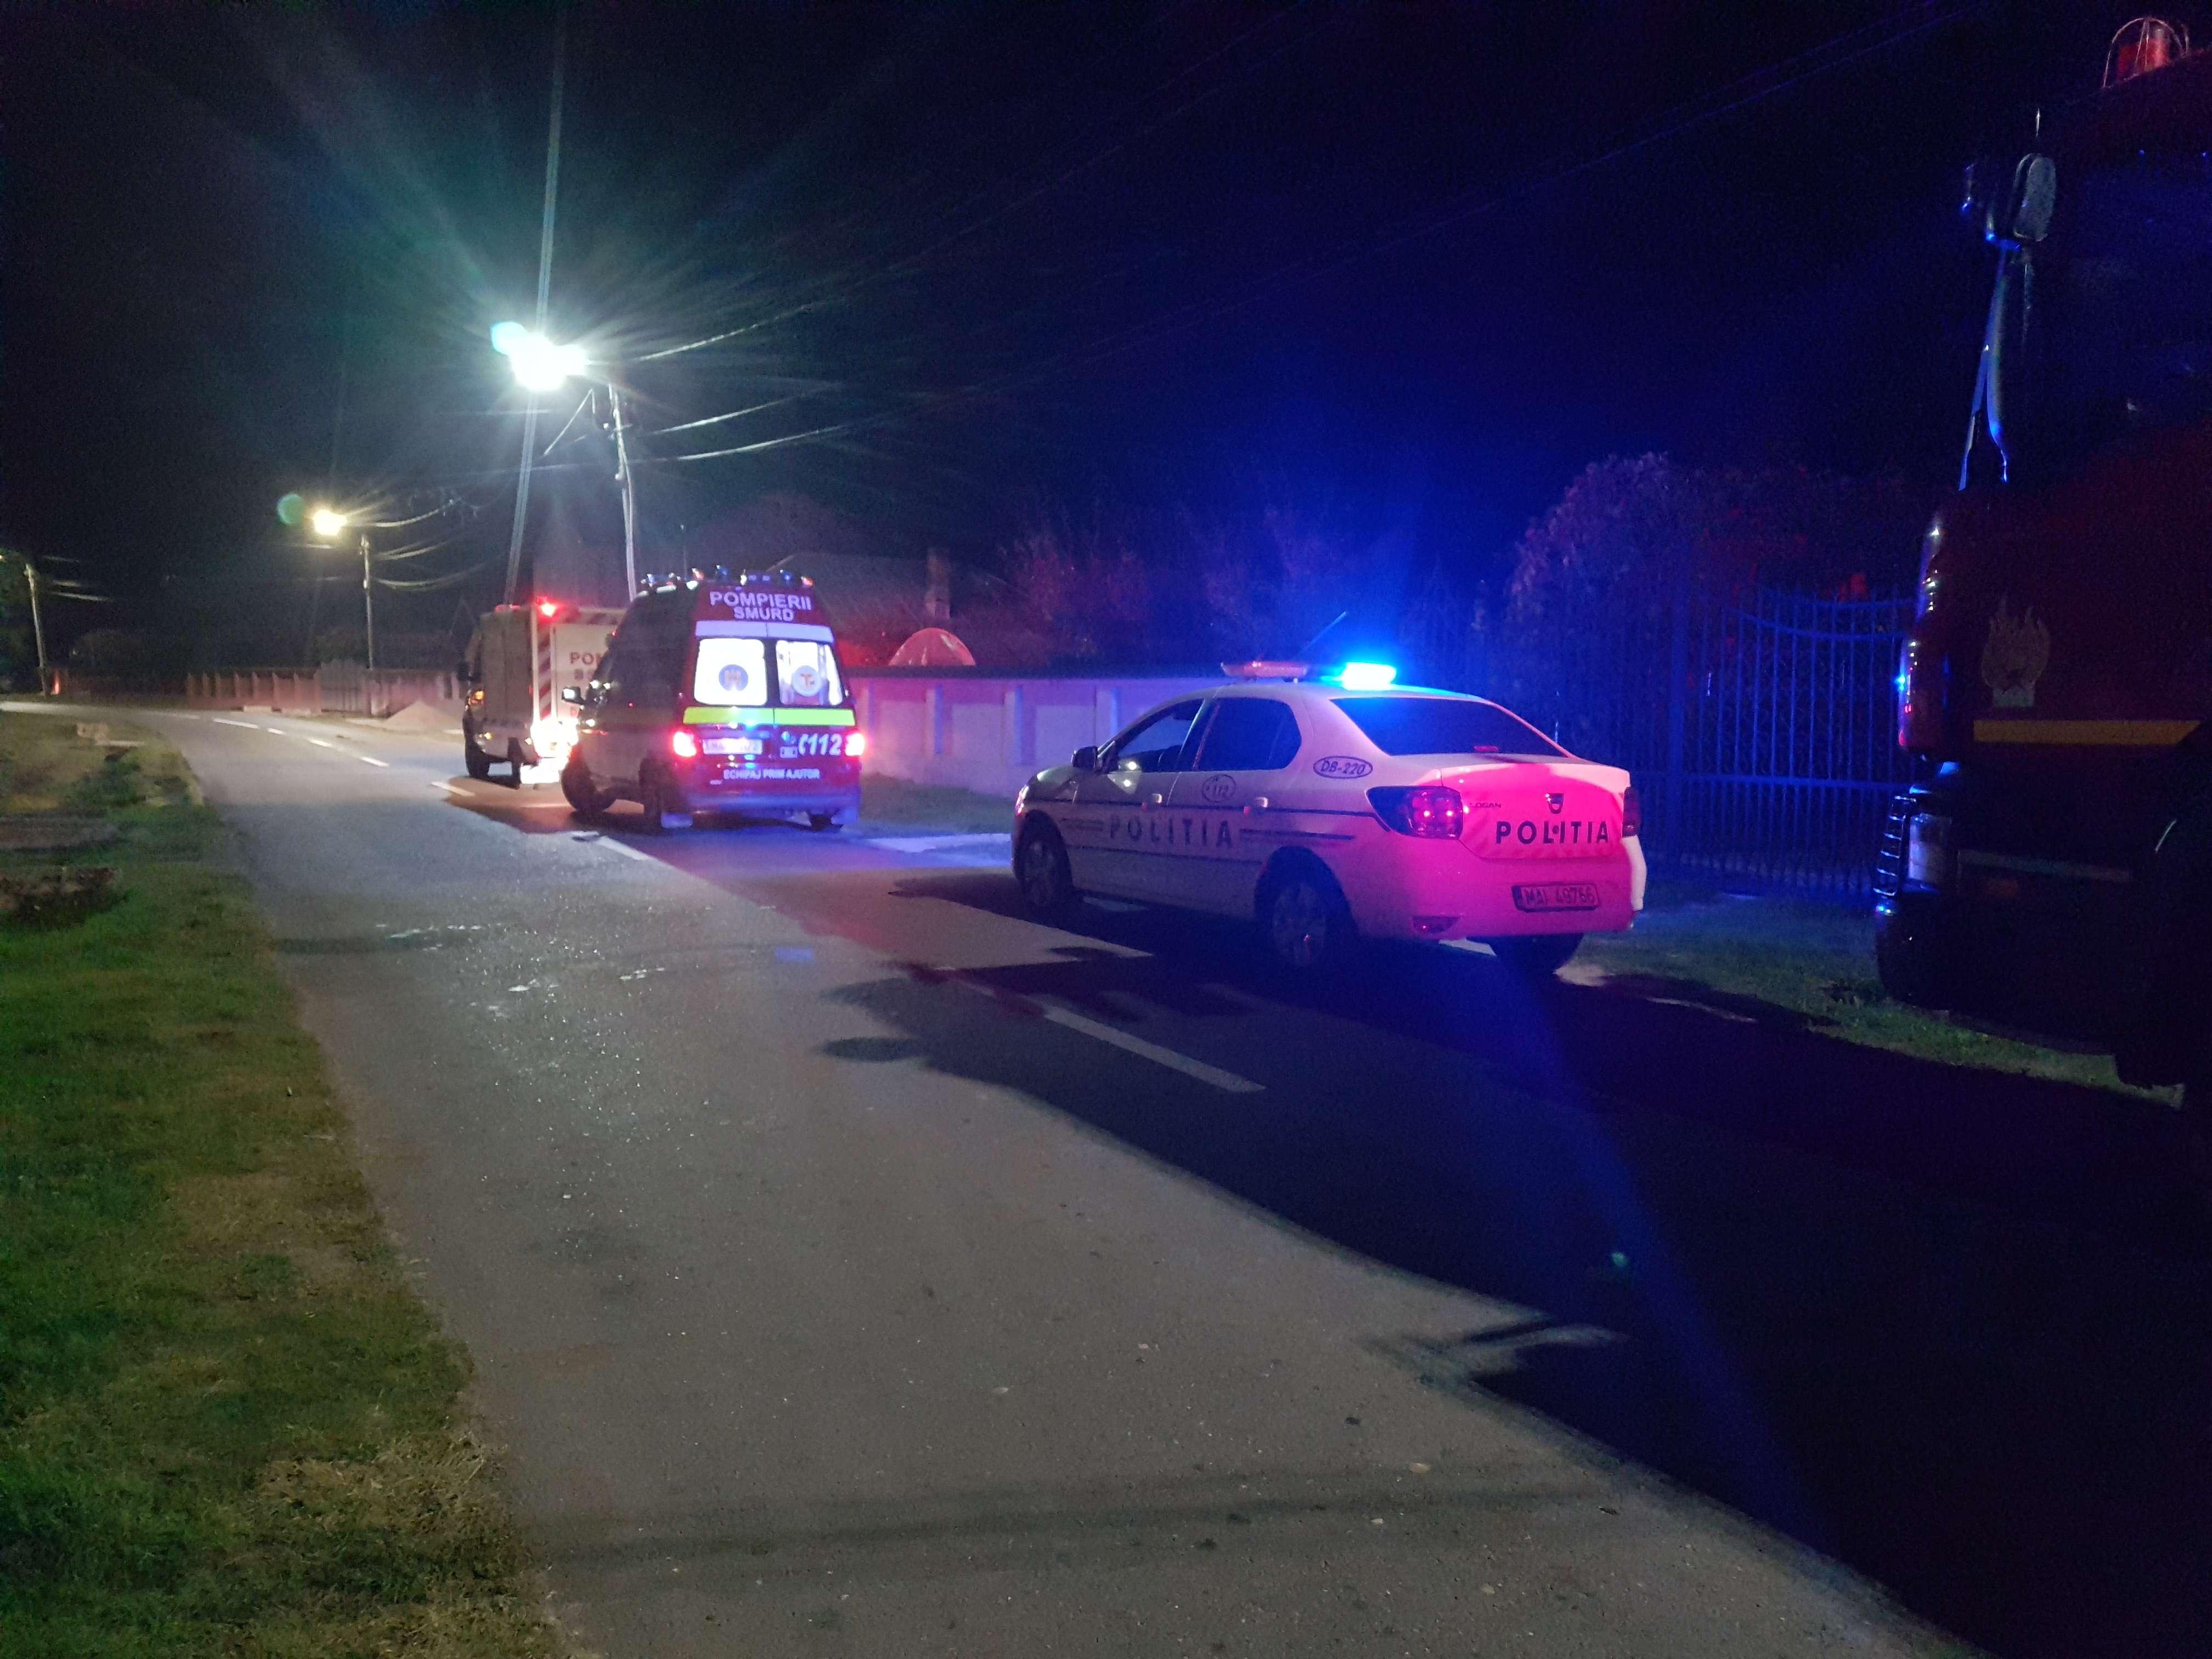 Un bărbat din Speriețeni a pus pe JAR în această seară poliția și pompierii